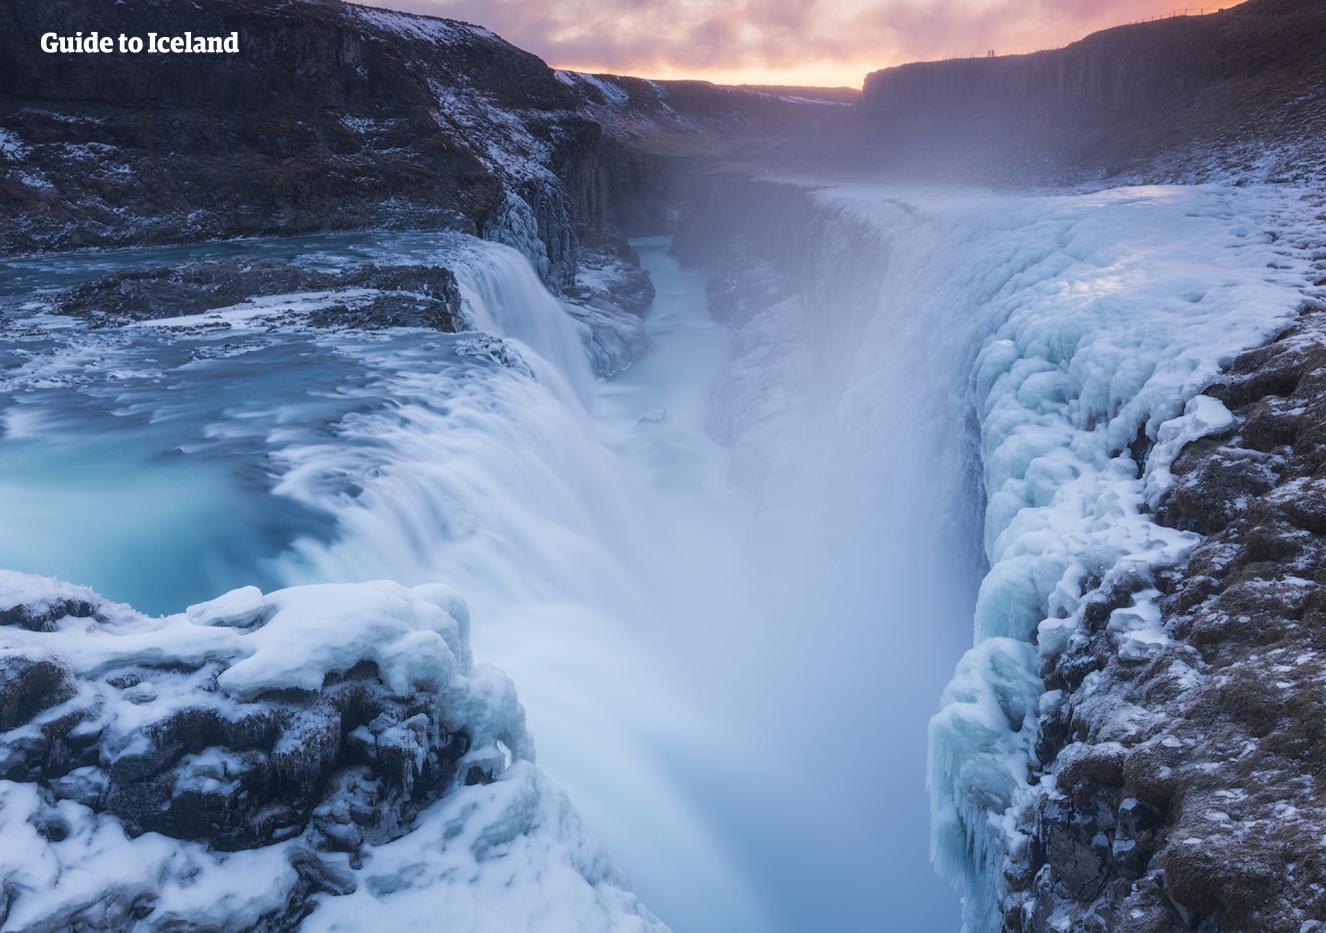 10-дневный зимний автотур | Вокруг Исландии под северным сиянием - day 2